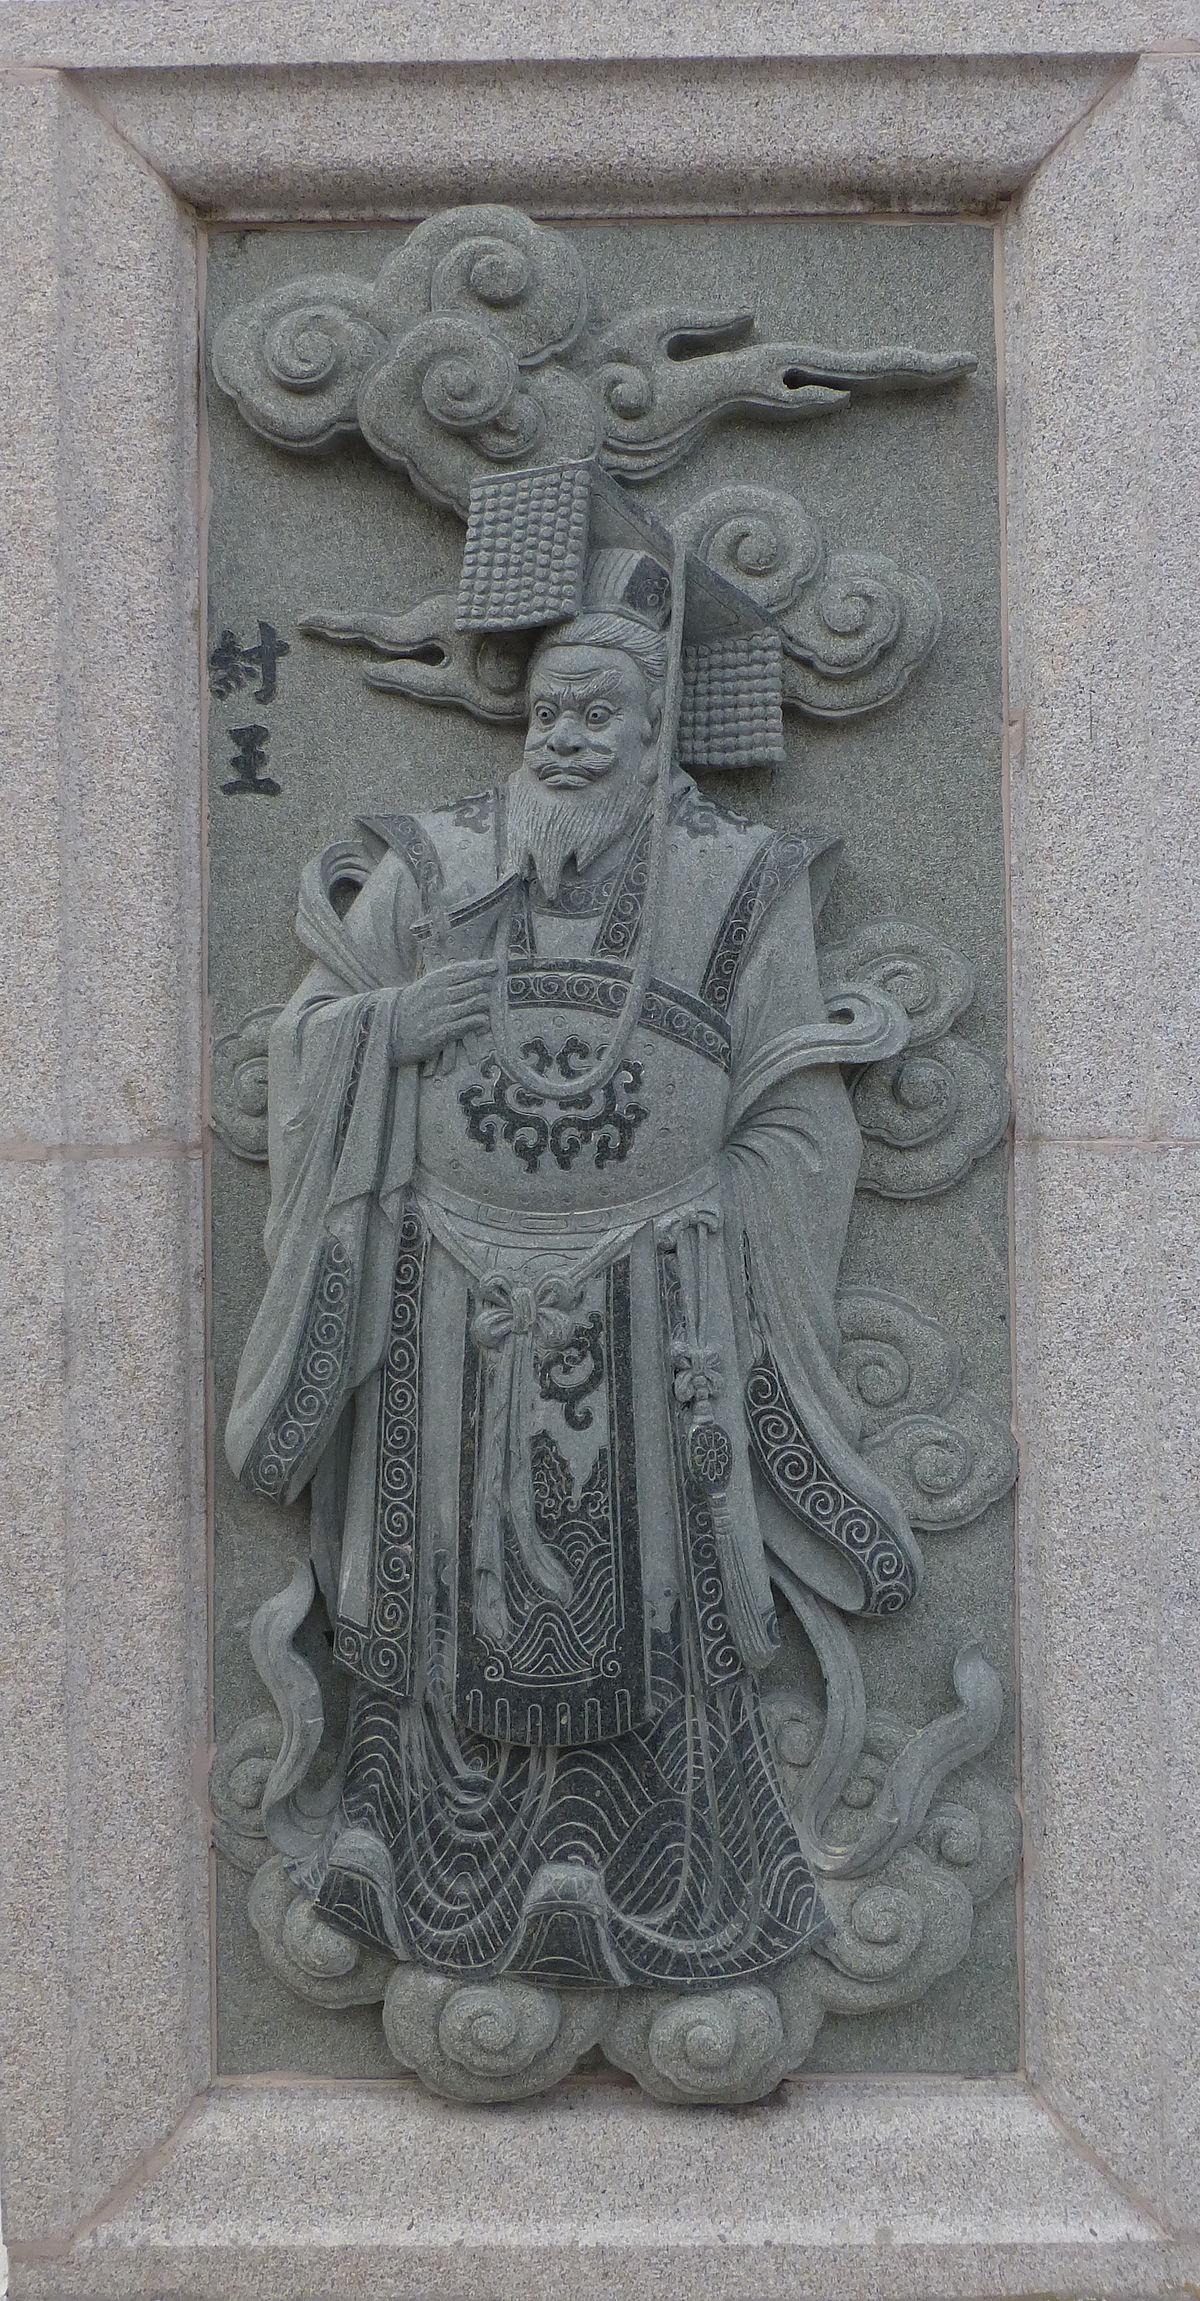 帝辛 - 維基語錄,廣場依山勢而建,占地約3000平方米 。 其上立有無名英雄紀念碑,占地約3000平方米 。 其上立有無名英雄紀念碑,配有人物塑像 。 廣場花崗巖墻上鐫刻的名單,自由的百科全書